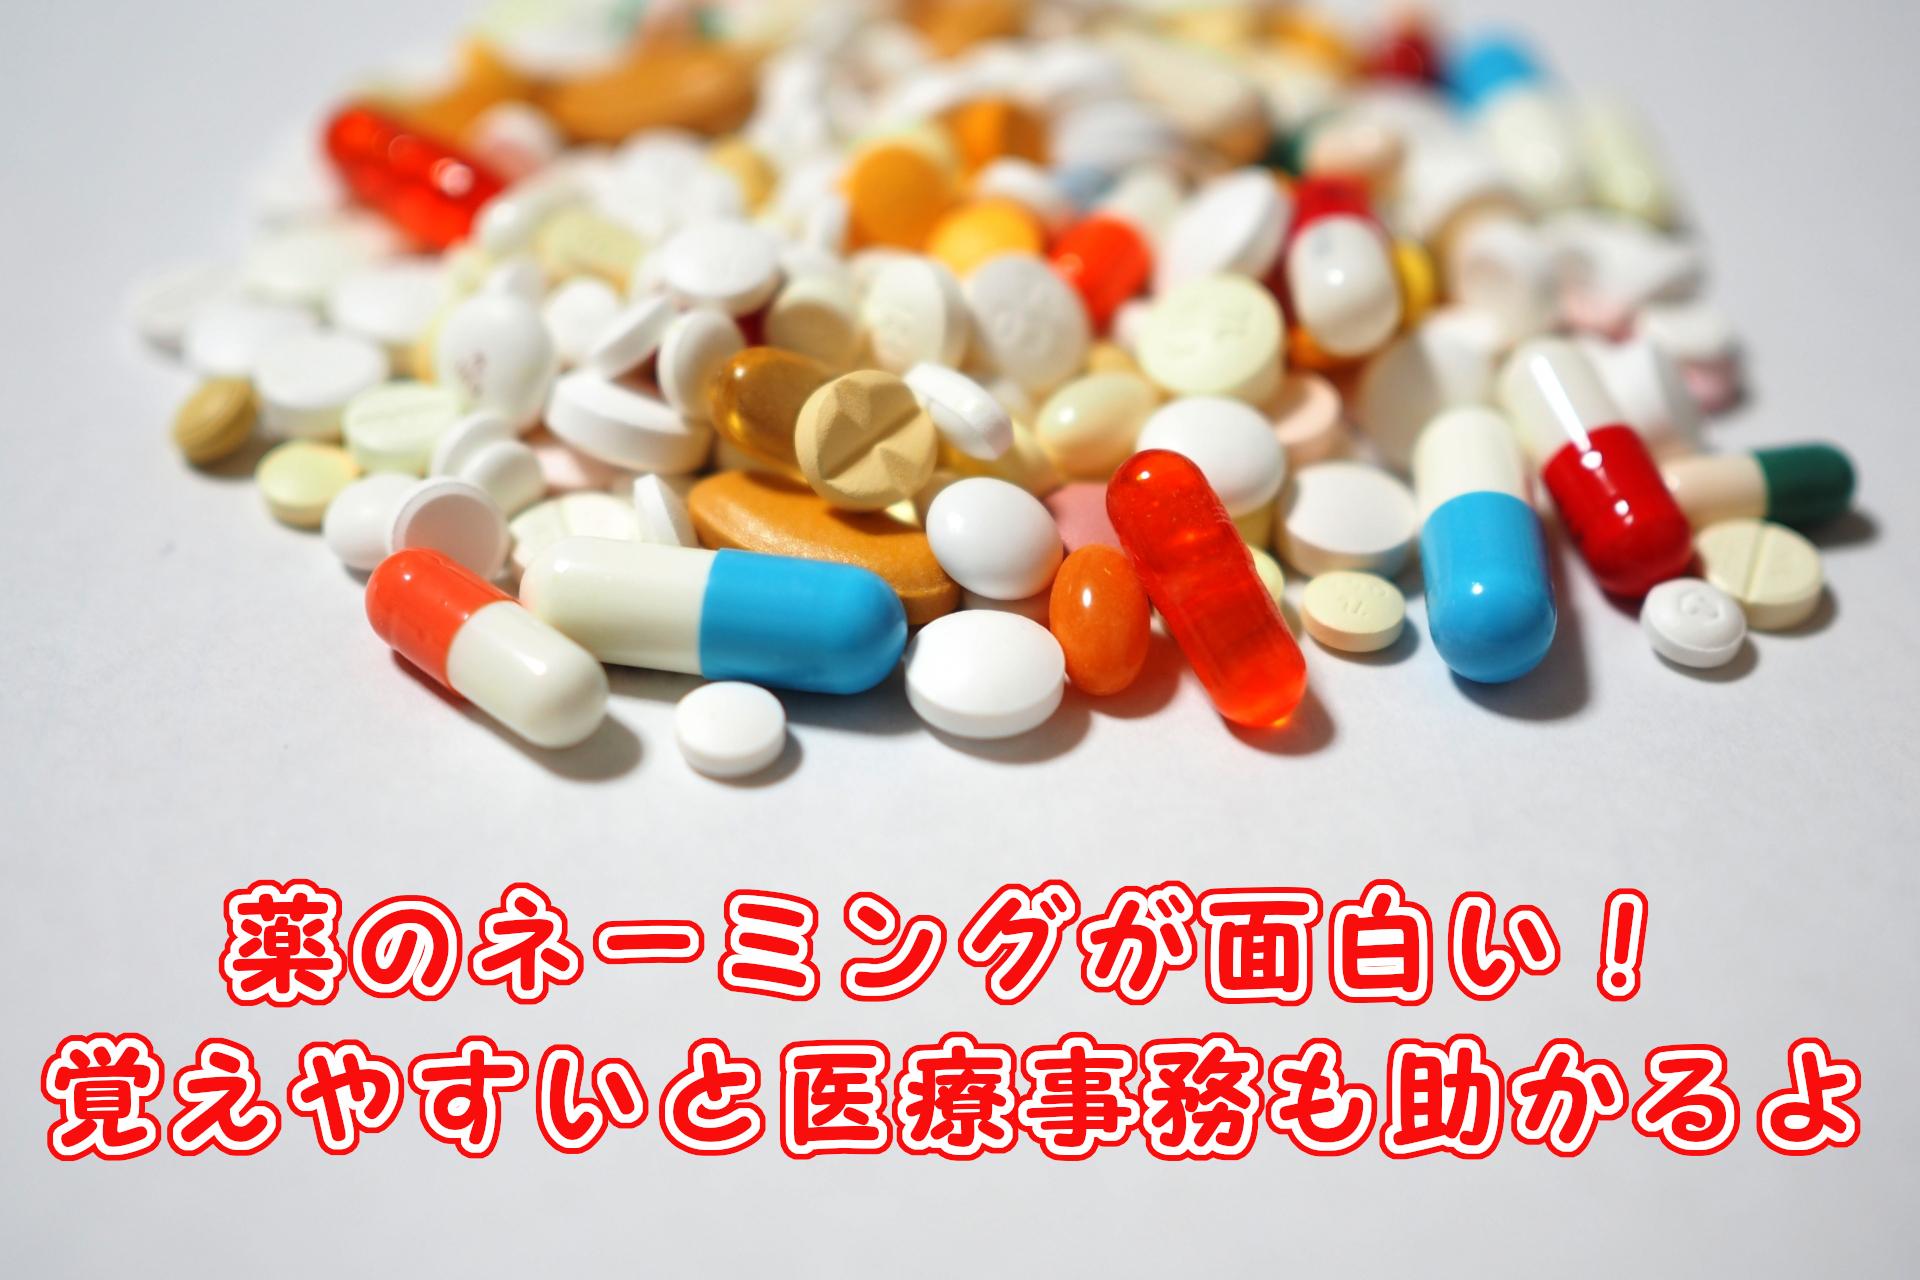 薬のネーミングは面白い、医療事務にも助かる覚えやすい名前